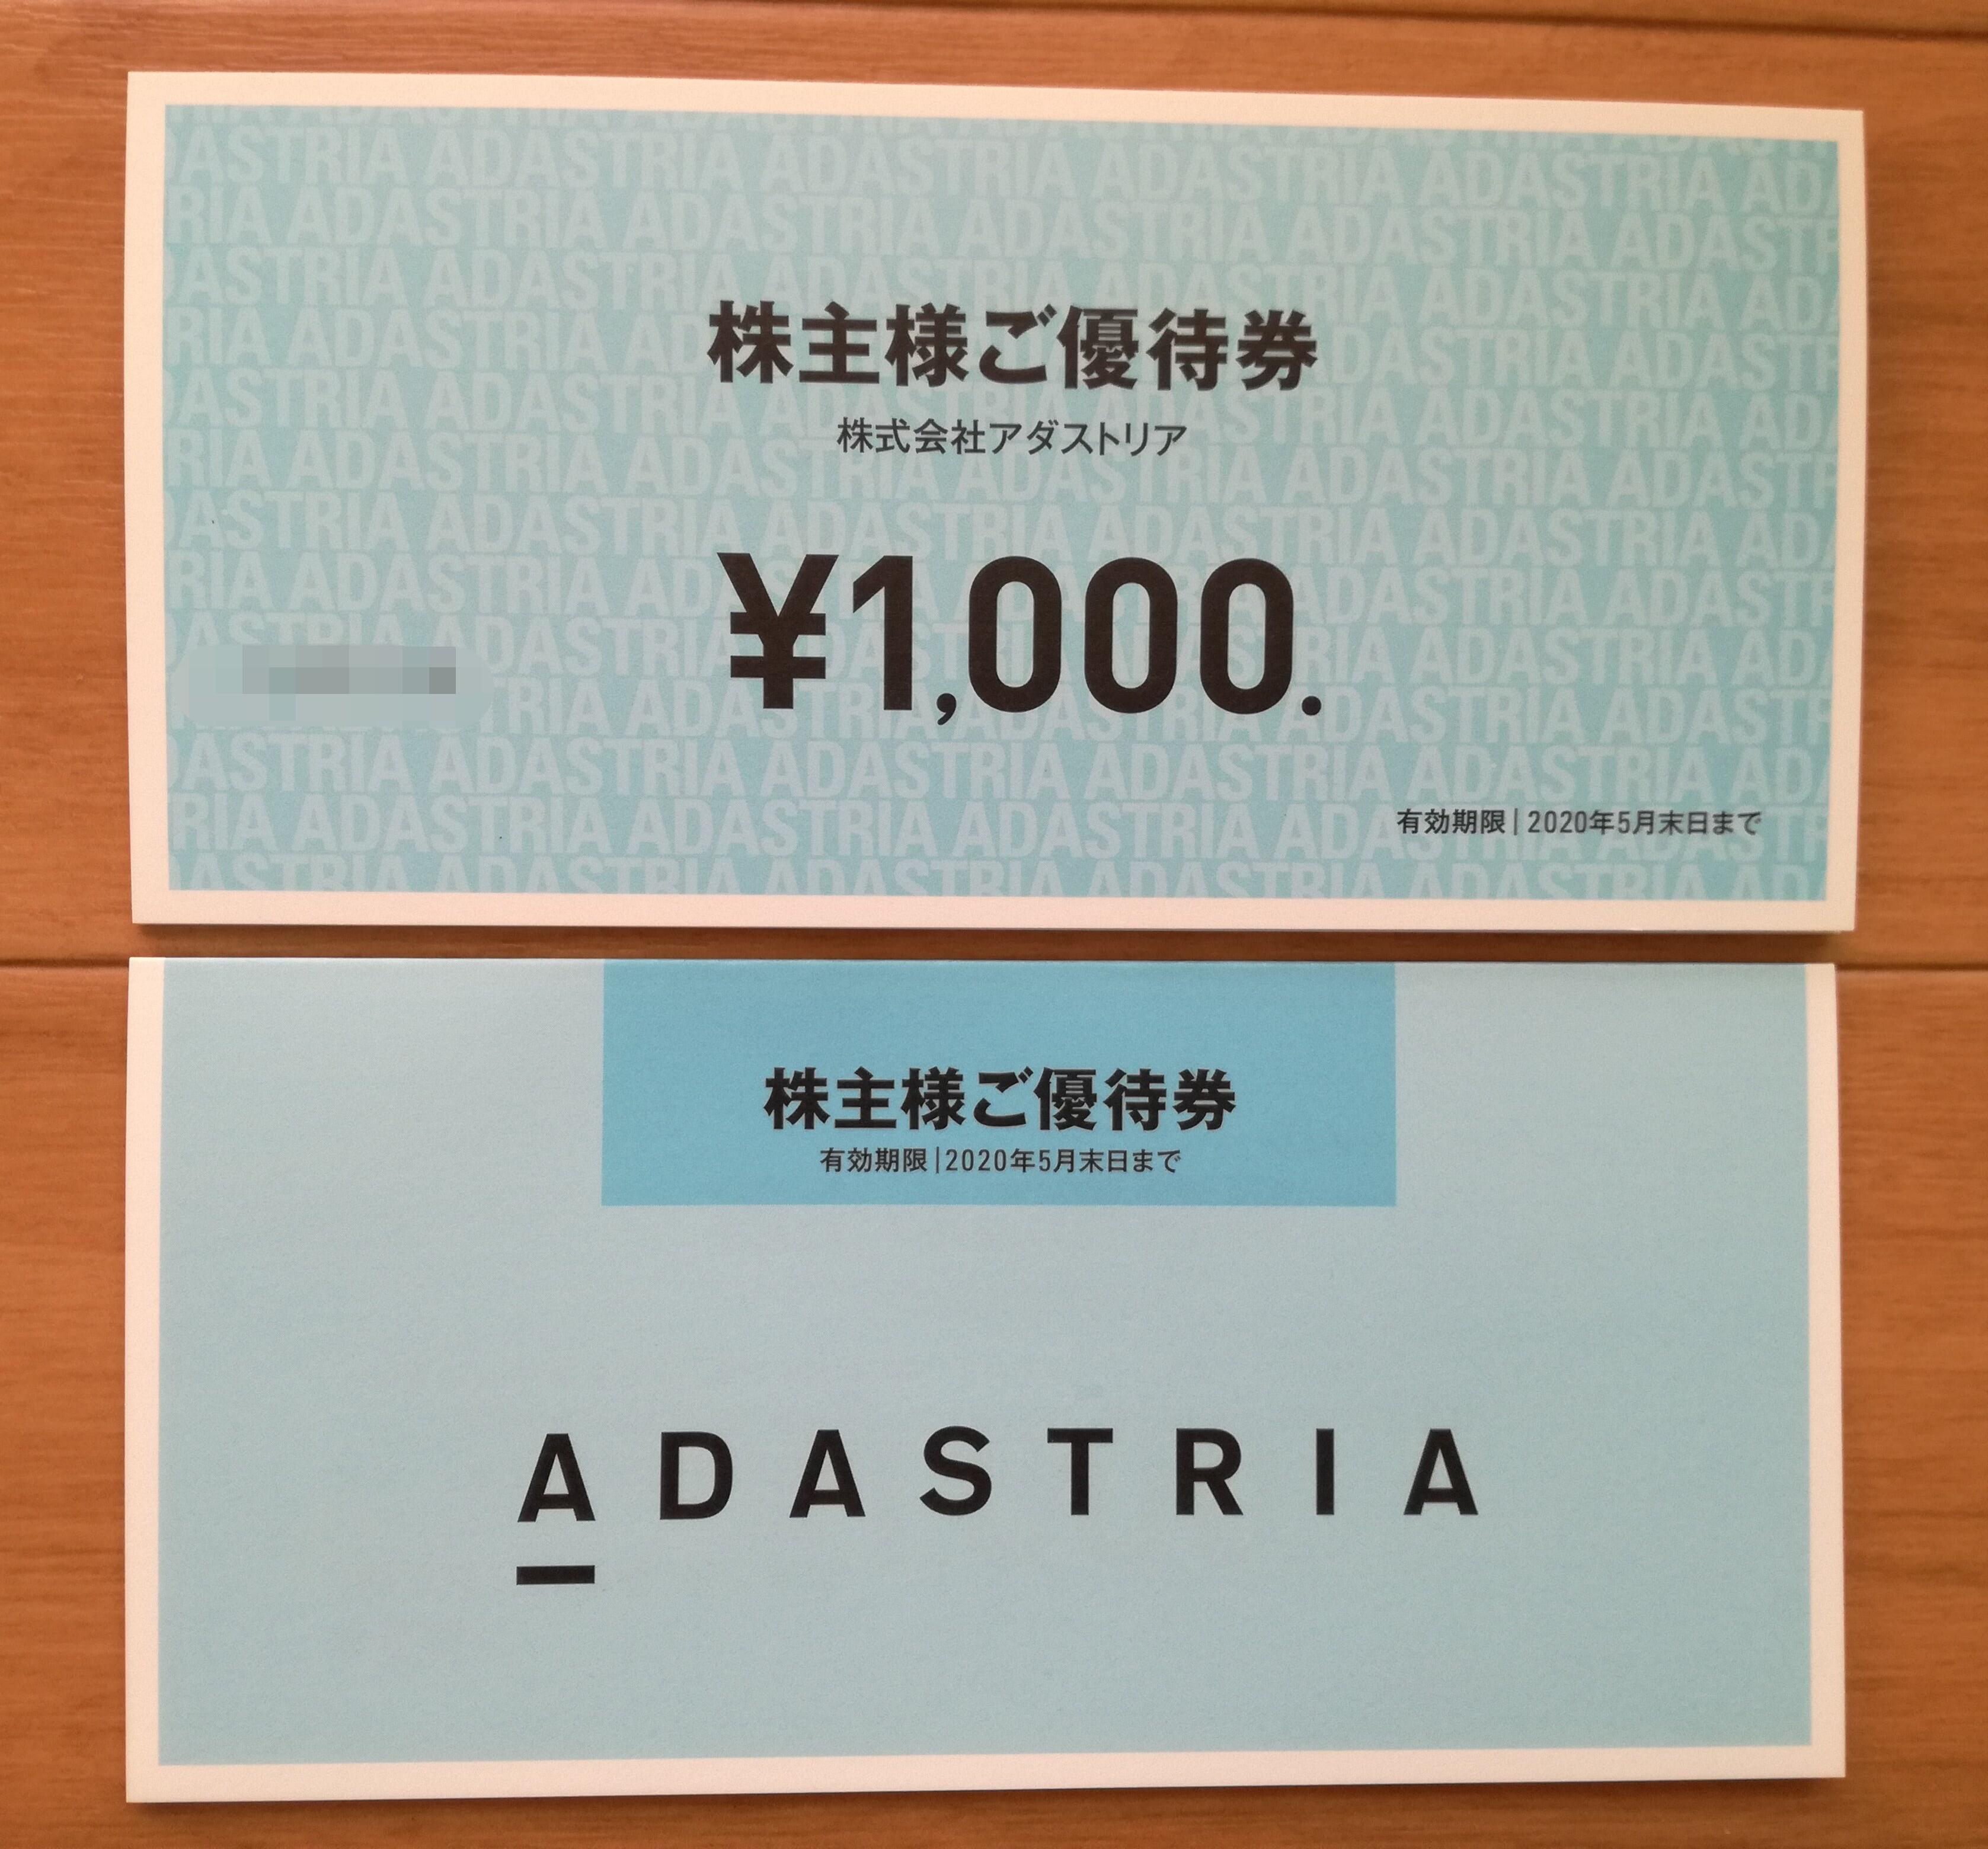 年初来高値更新で株価復活のアダストリア(2685)から株主優待券3,000円分が2名義到着!